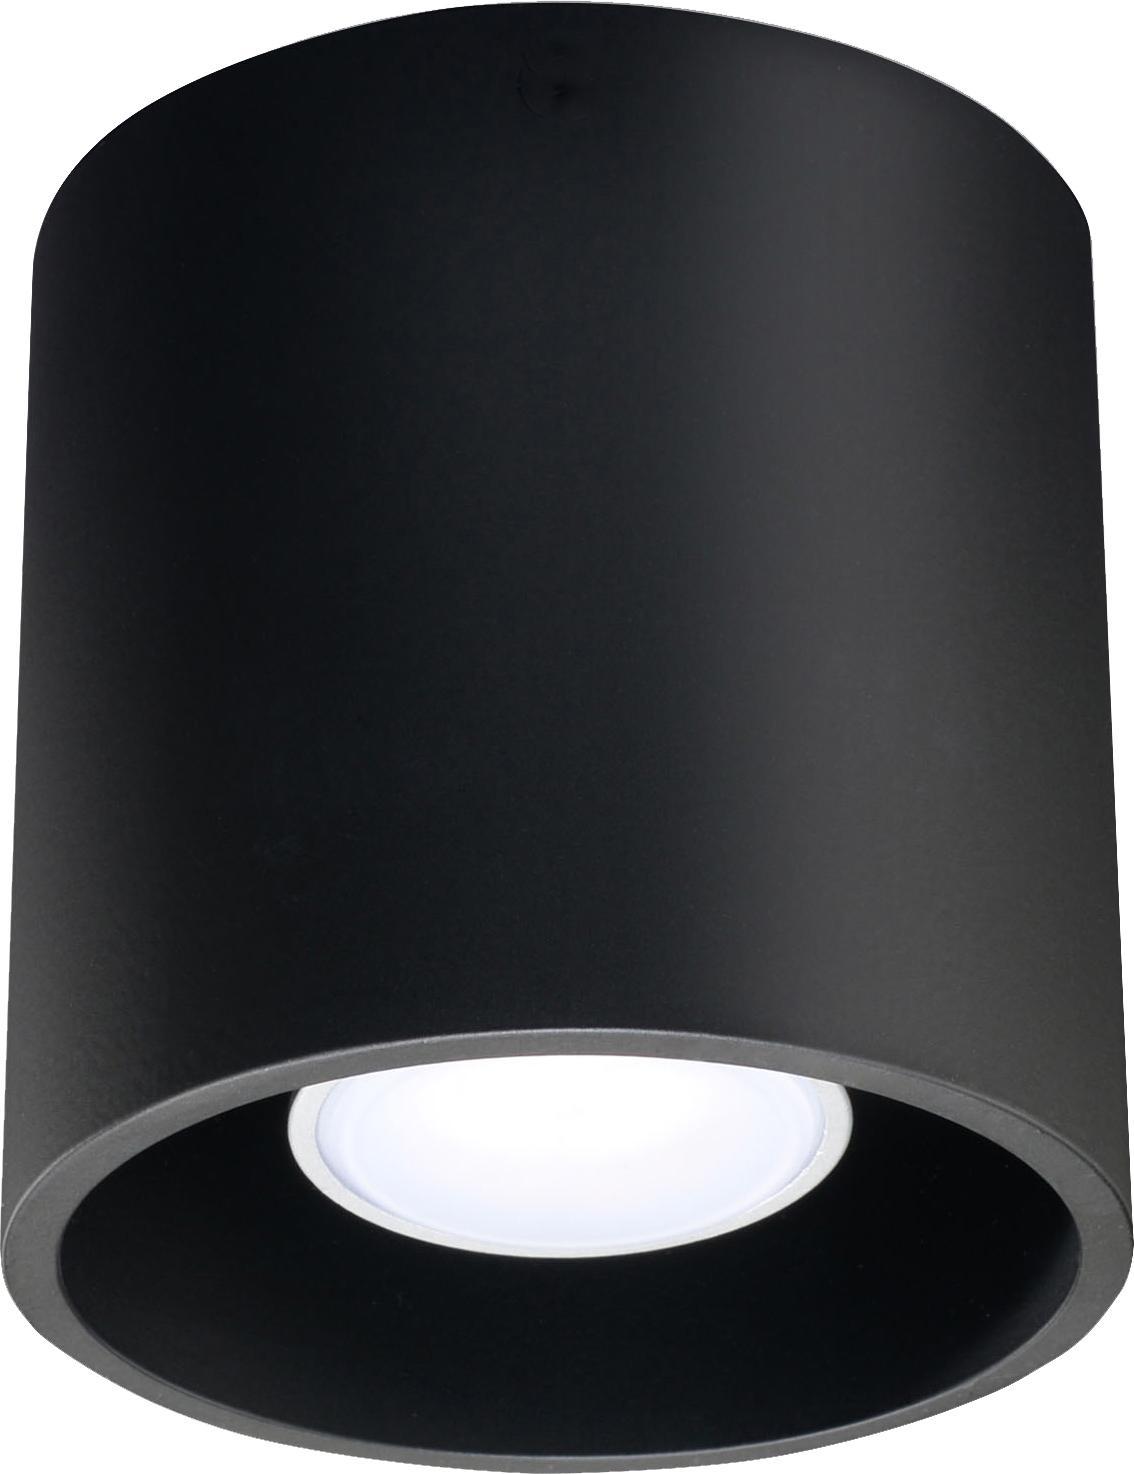 Lampa spot Roda, Aluminium powlekane, Czarny, Ø 10 x W 10 cm